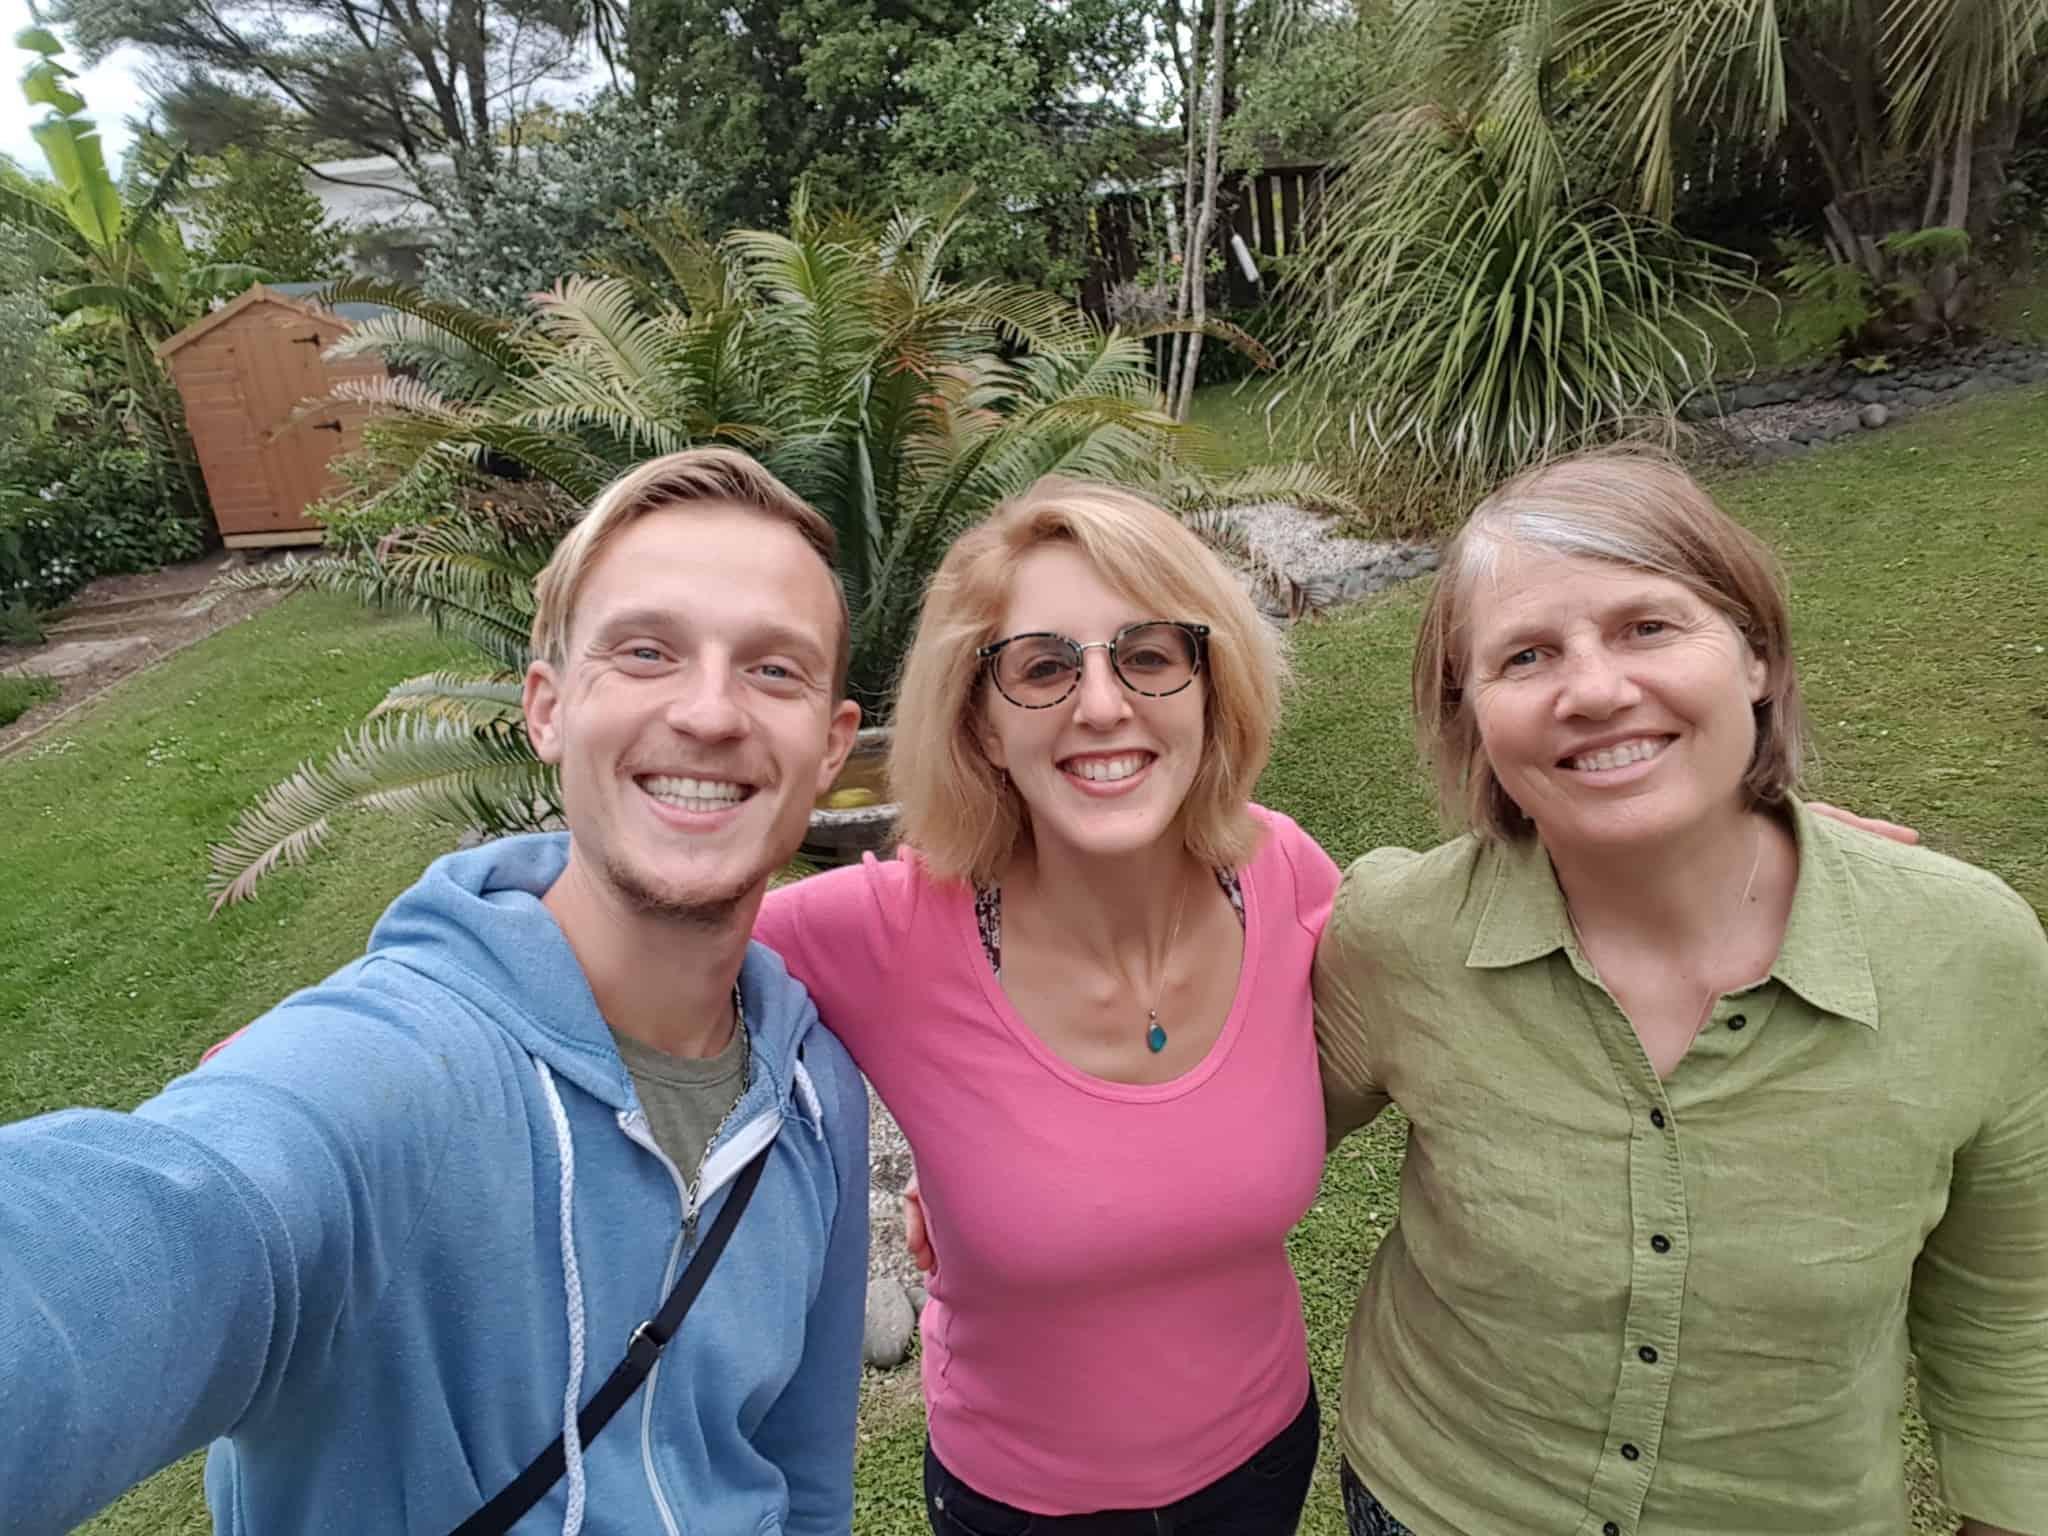 Nouvelle-Zélande, une semaine de HelpX chez Angela la gourou 🧙♀️ 9